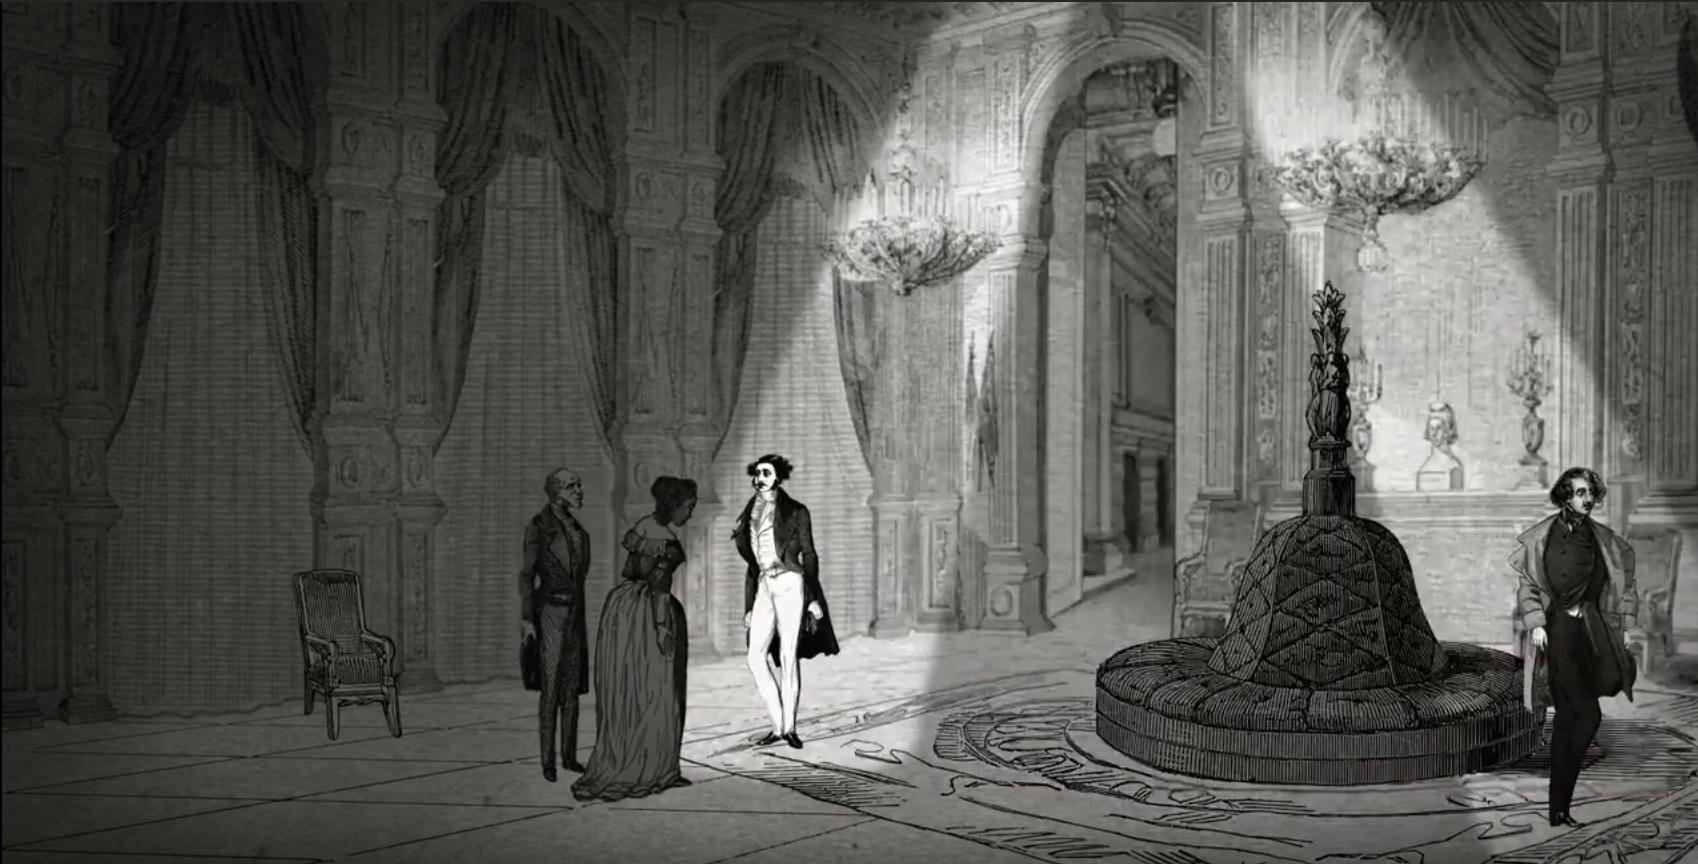 """Le feuilleton littéraire """"Les Mystères de Paris"""" a été adaptée en série animée sur YouTube par la scénariste  Véronique Puybaret / DR"""